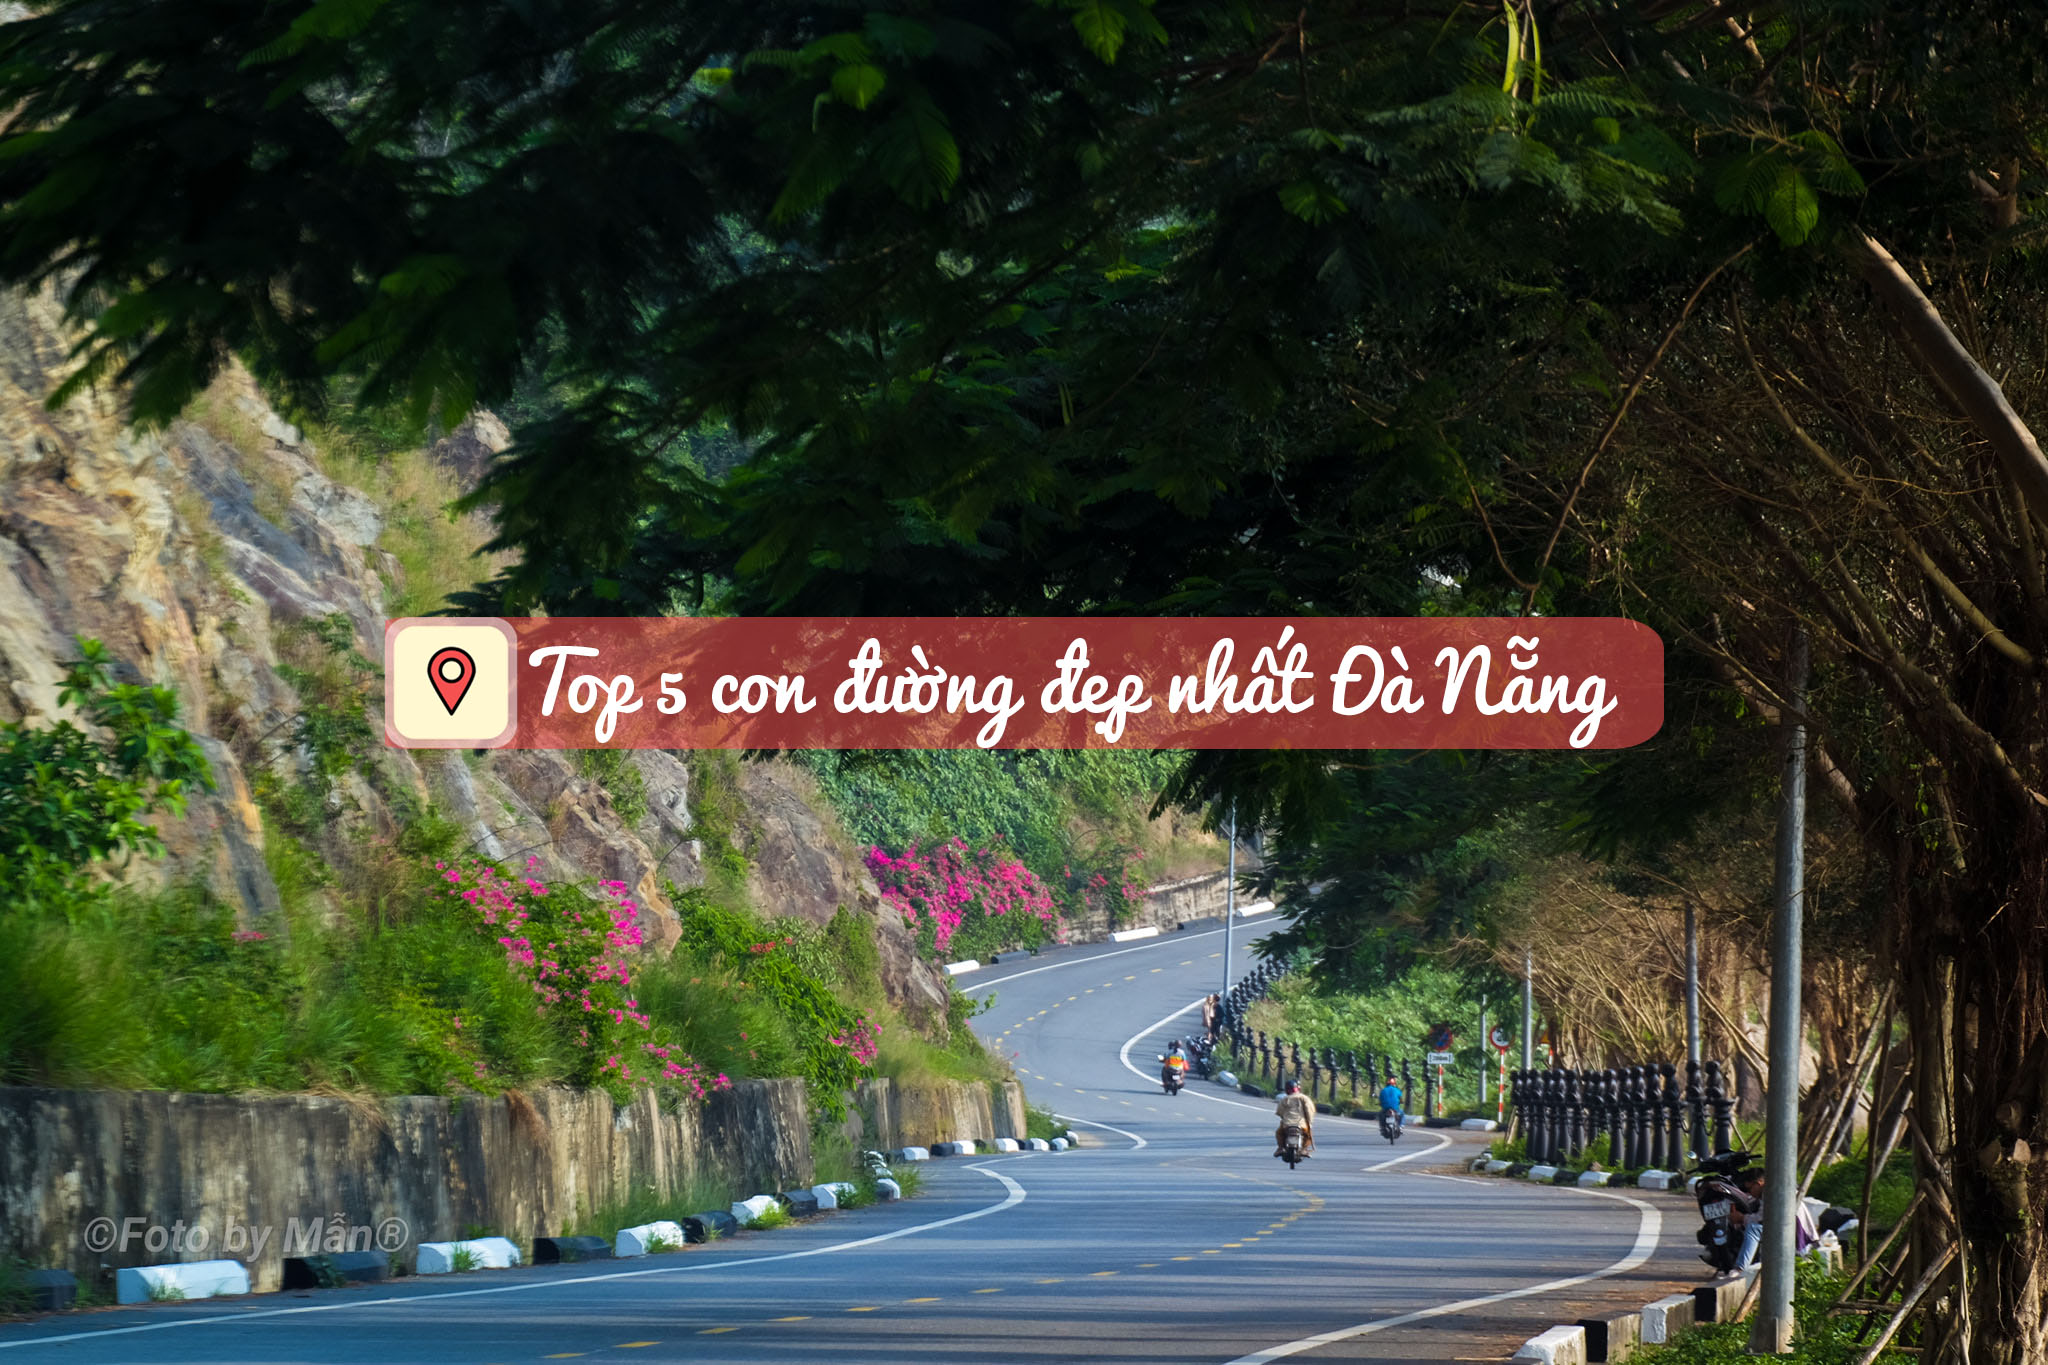 Top 5 Con Duong Dep Nhat Da Nang